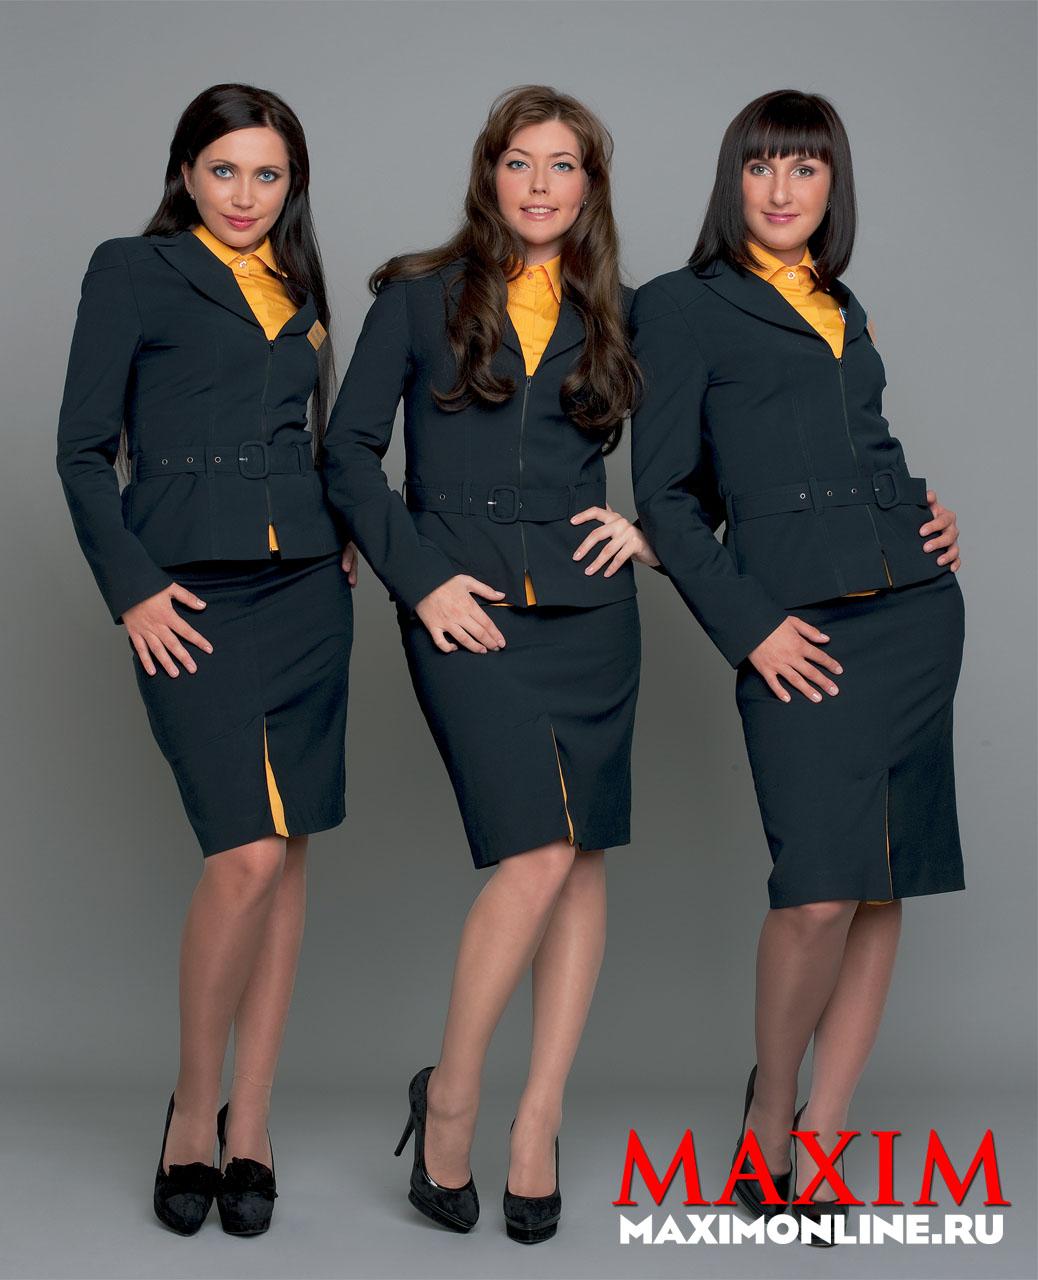 Avianova Stewardesses Strip Off For Nude In Maxim Russia -5660